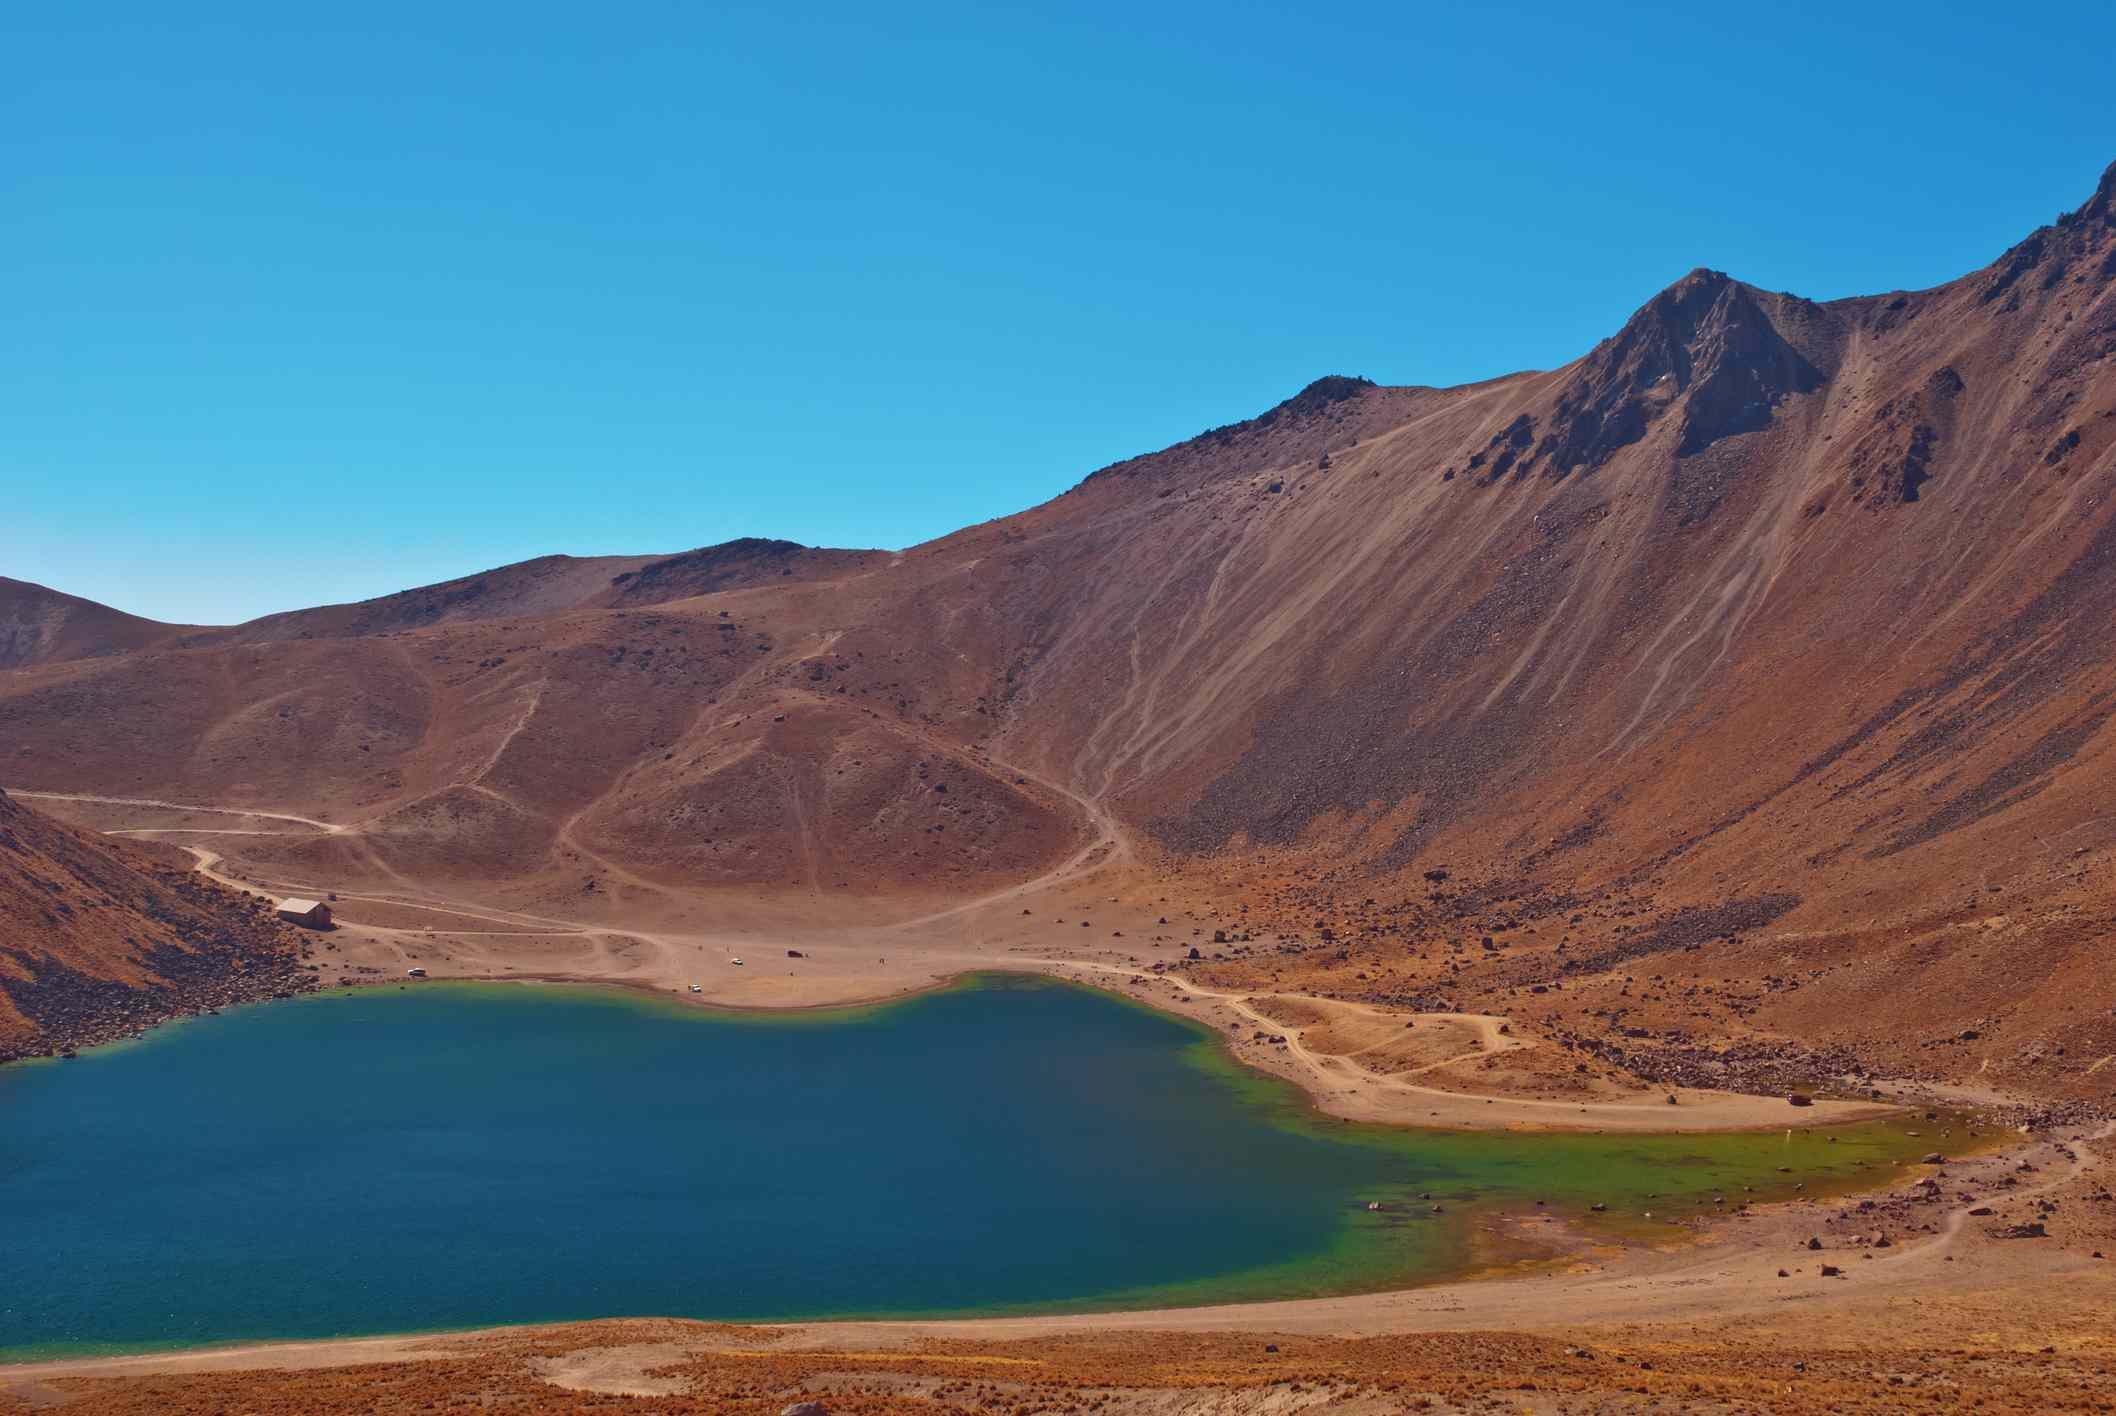 Lago tranquilo en la cima del Nevado de Toluca